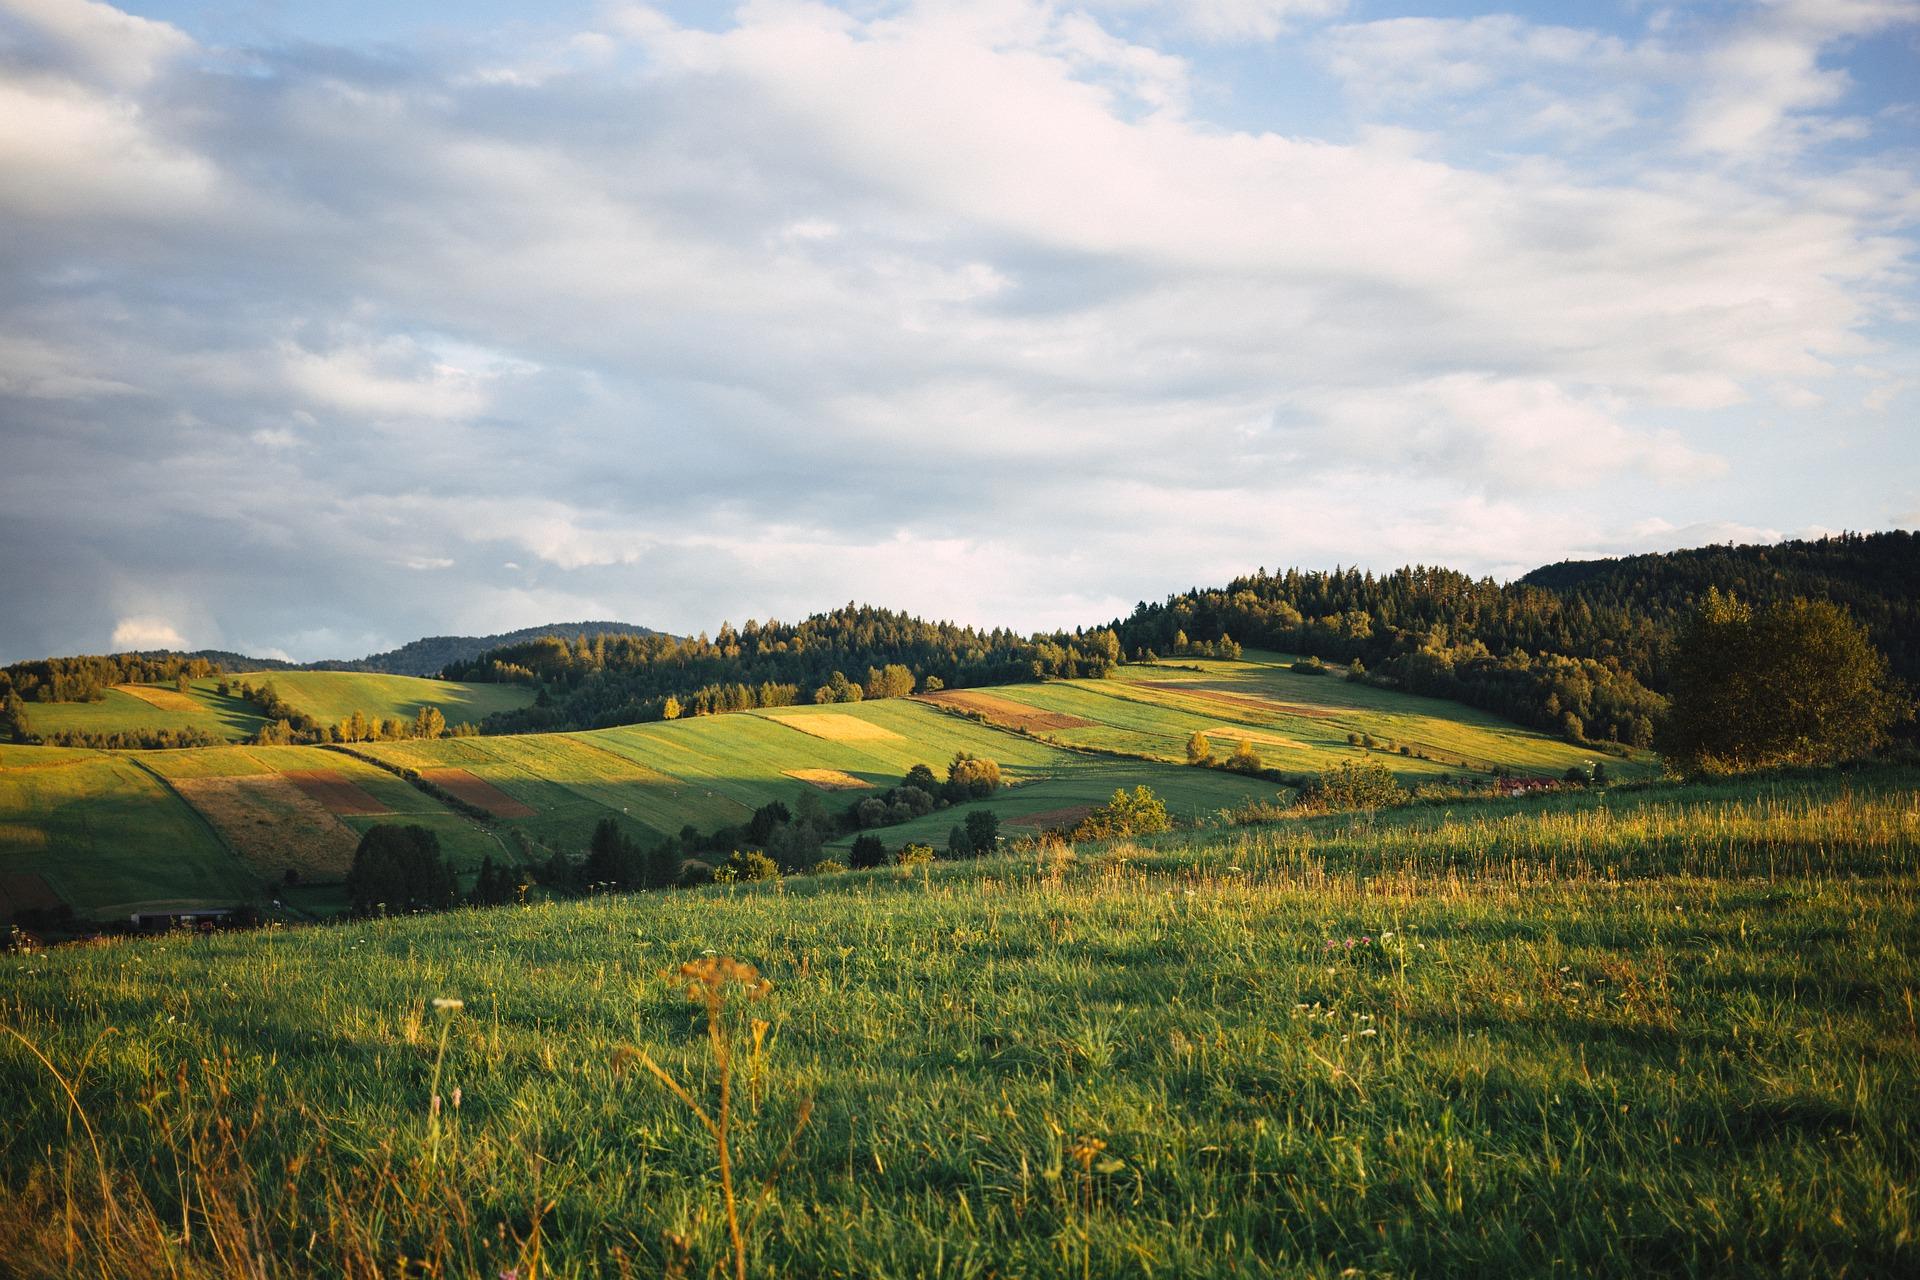 nature 2940925 1920 1 - Podkarpacie i jego 4 urocze wsie - Cisna, Rakszawa, Myczkowce, Krasiczyn